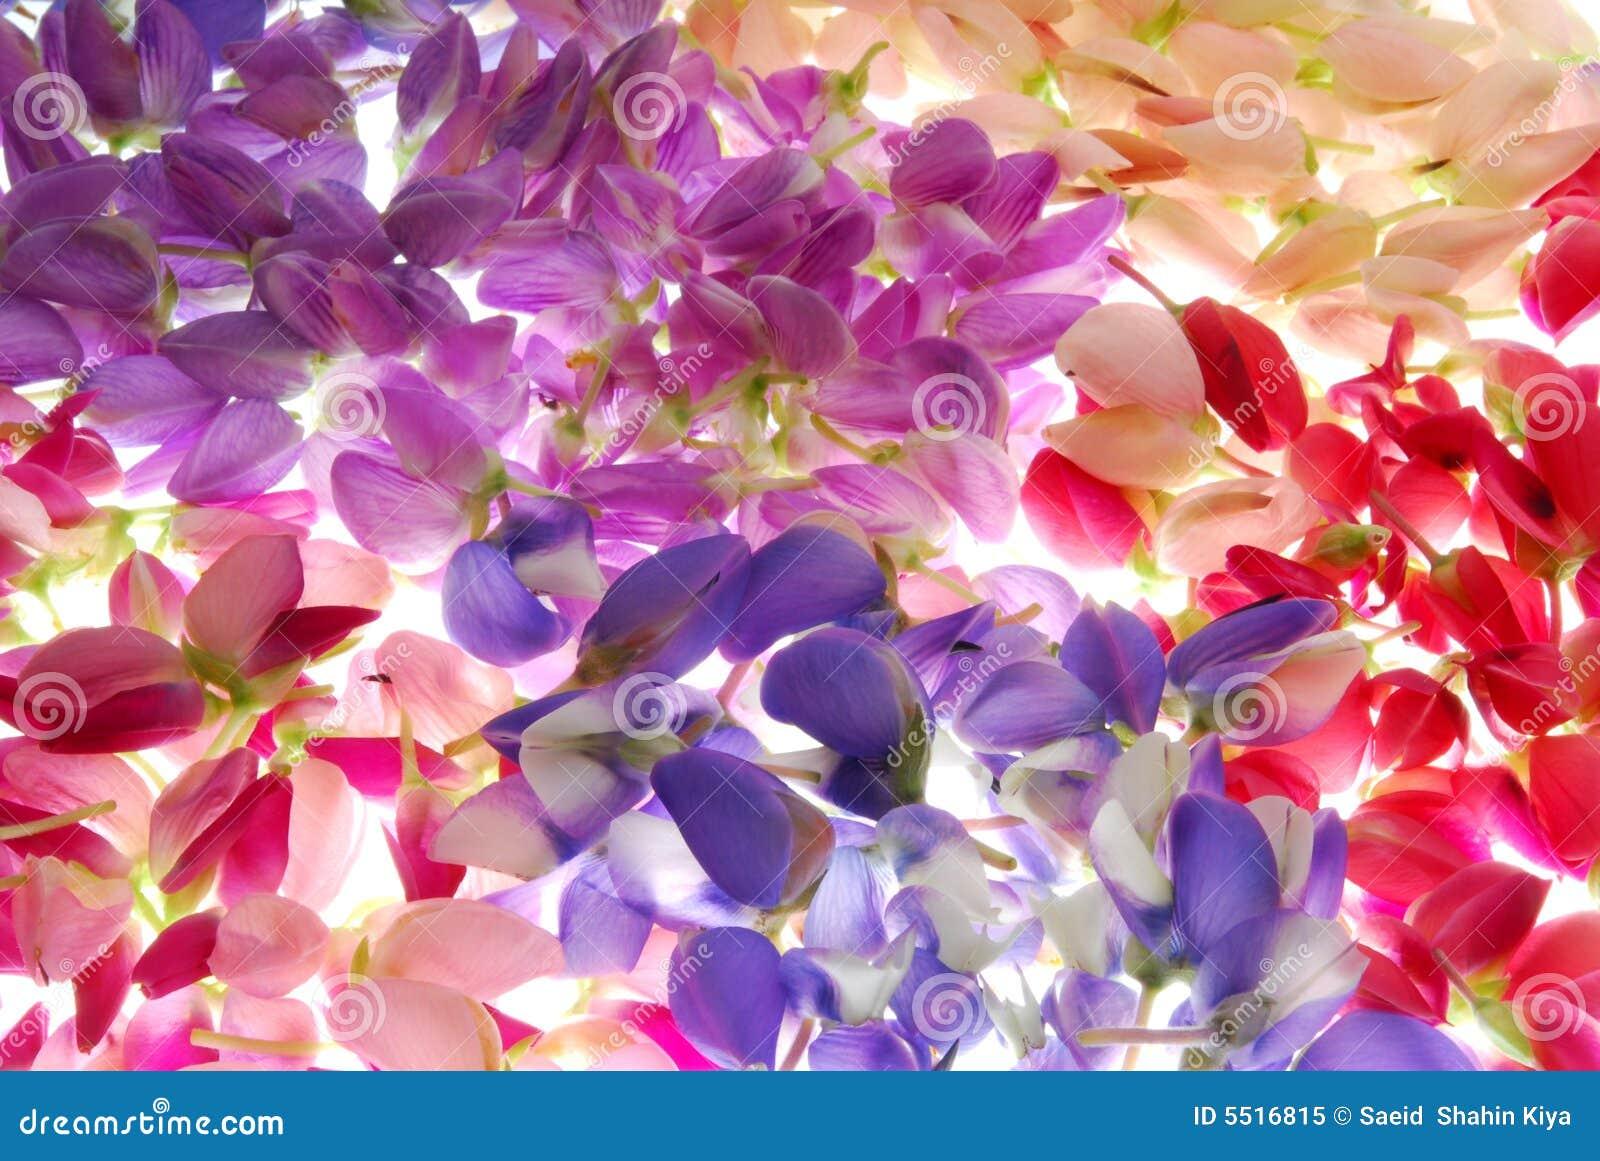 Pétalos coloridos de la flor